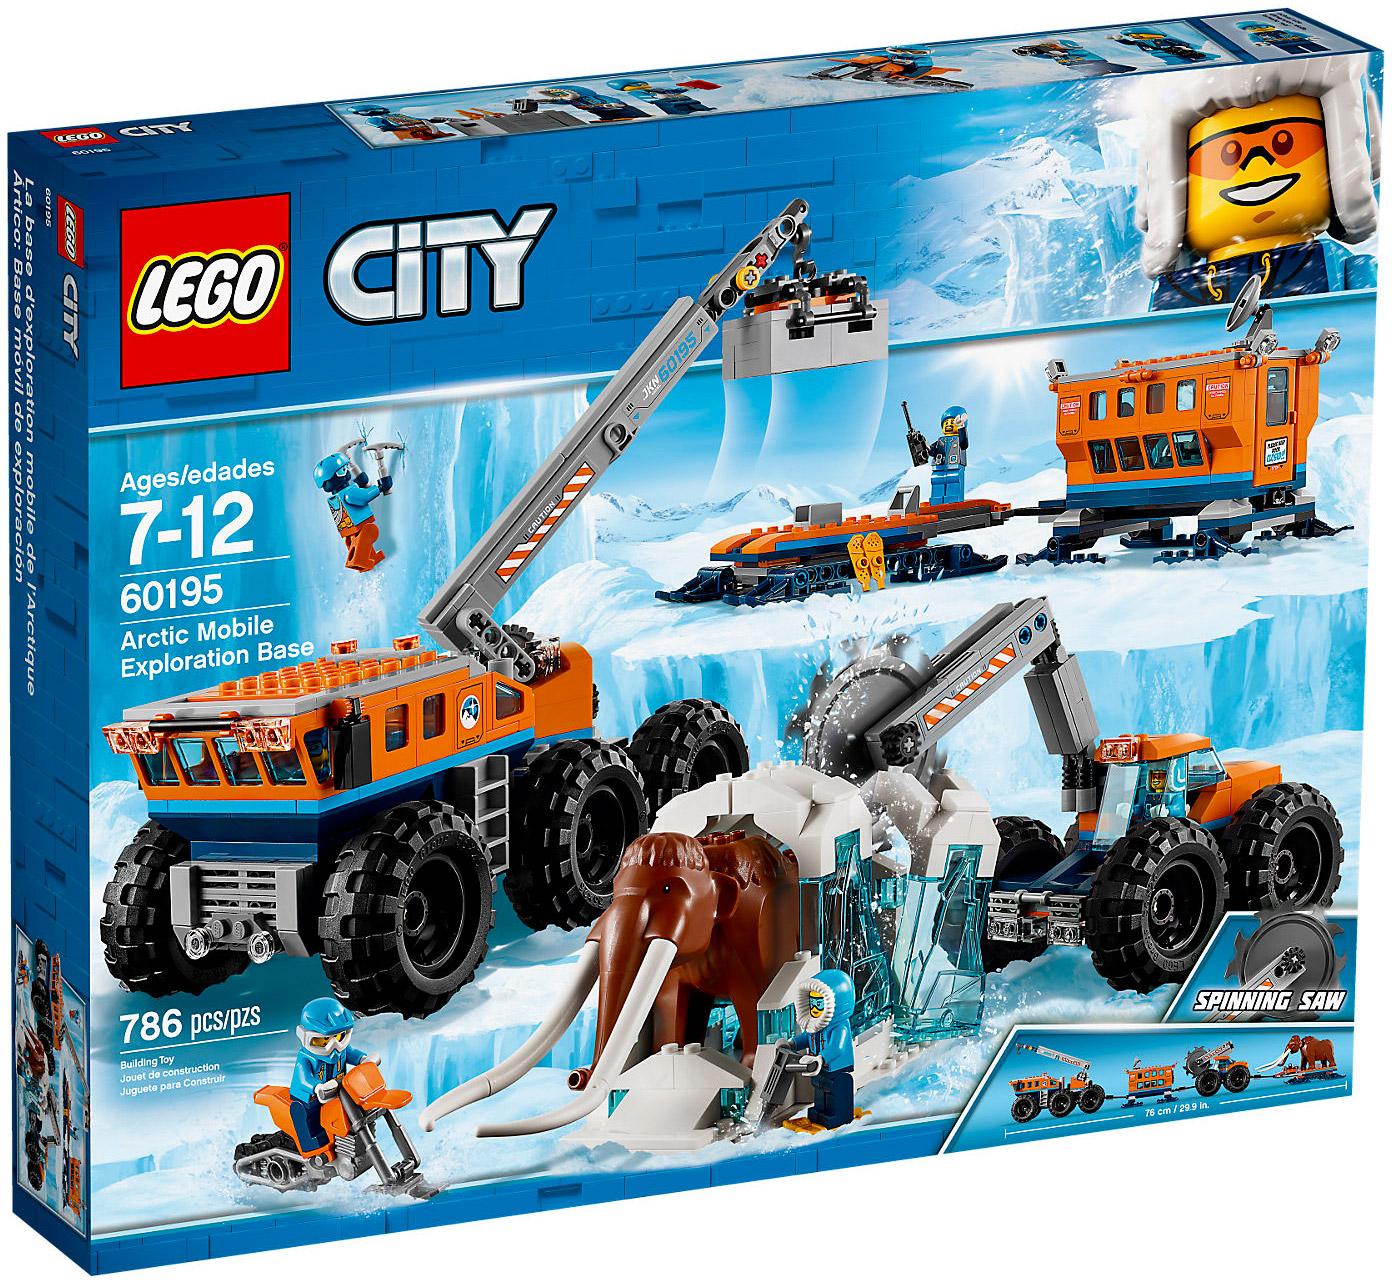 City Base 60195 Arctique La D'exploration Mobile Lego D2WEHIe9bY